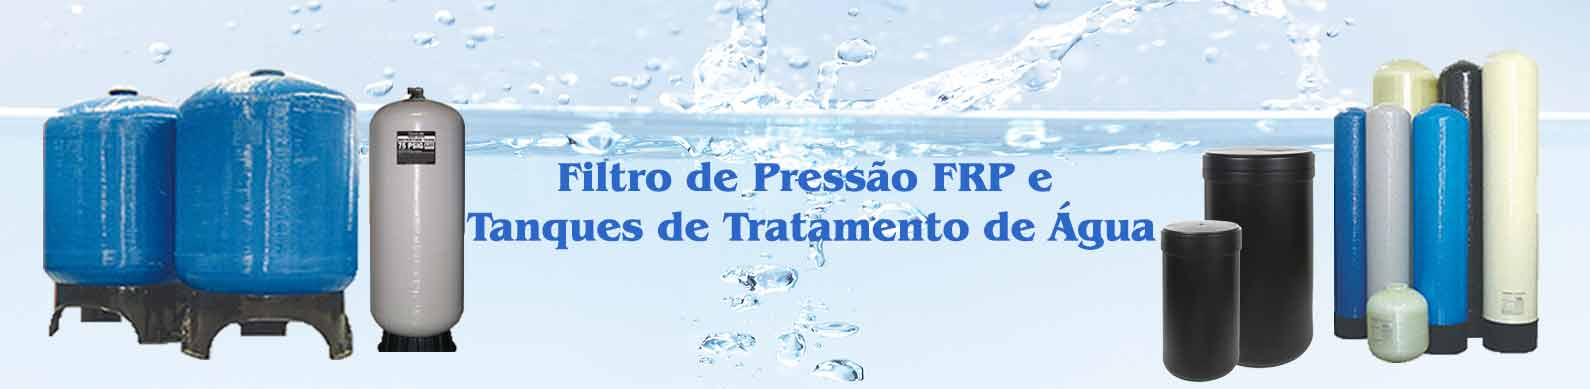 filtro-de-pressao-frp-e-tanques-de-tratamento-de-agua.jpg